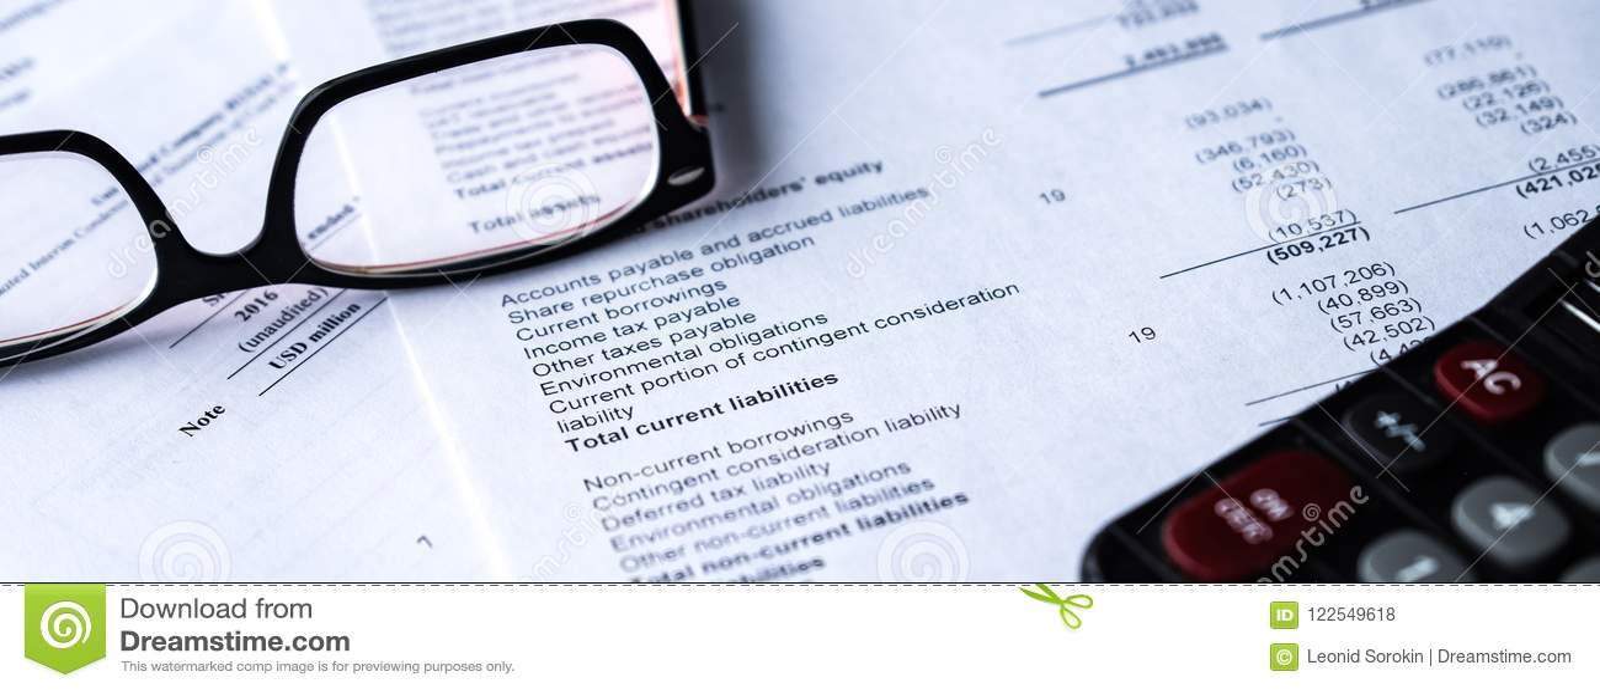 Haushaltserklärung las und überprüft die Zahl auf Analyse investieren Vorrat